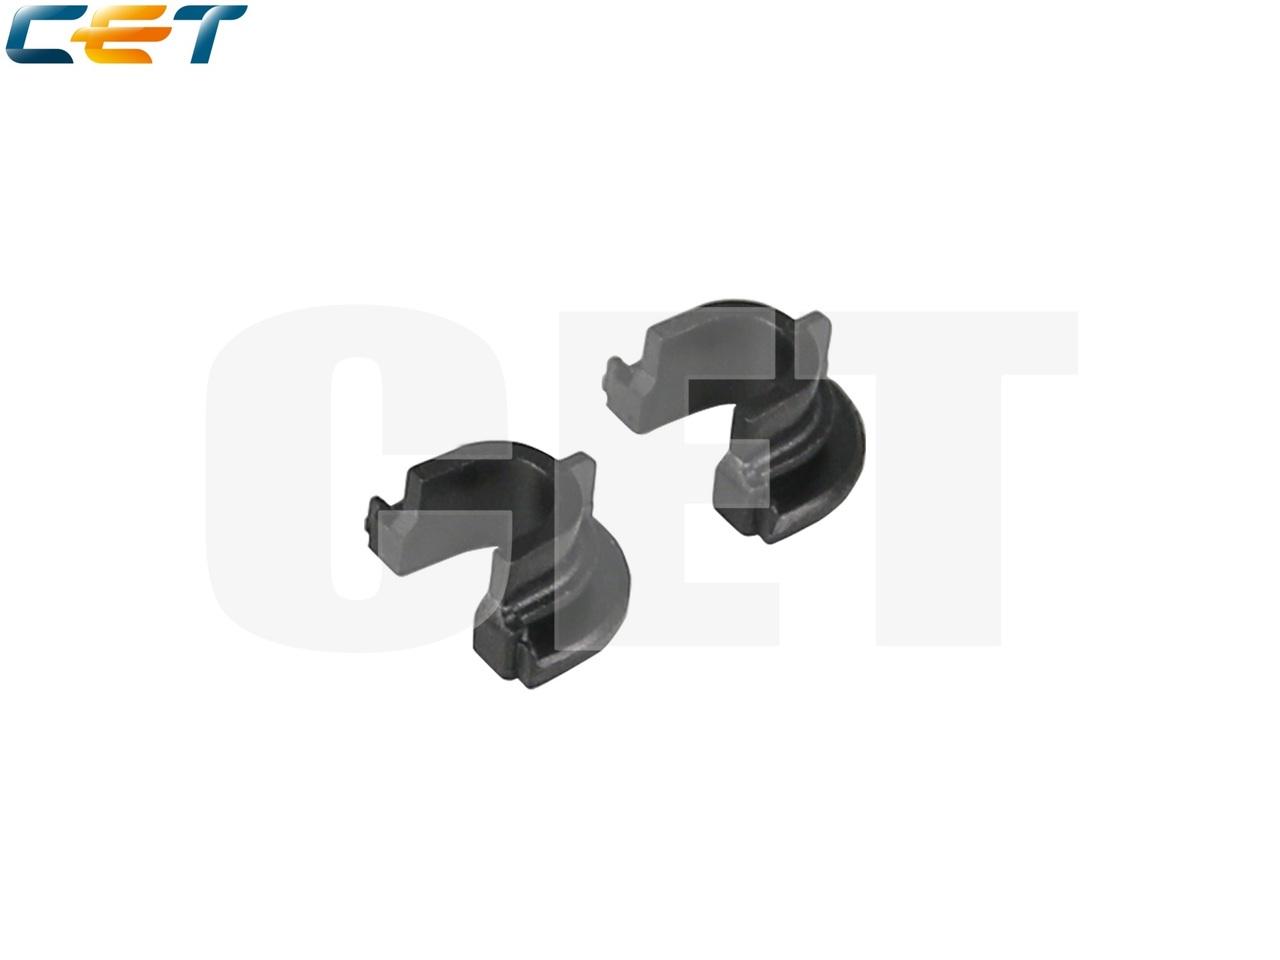 Бушинг резинового вала для HP LaserJet ProM101/102/103/104/MFP M129/M132 (CET), 2 шт/компл,CET361001